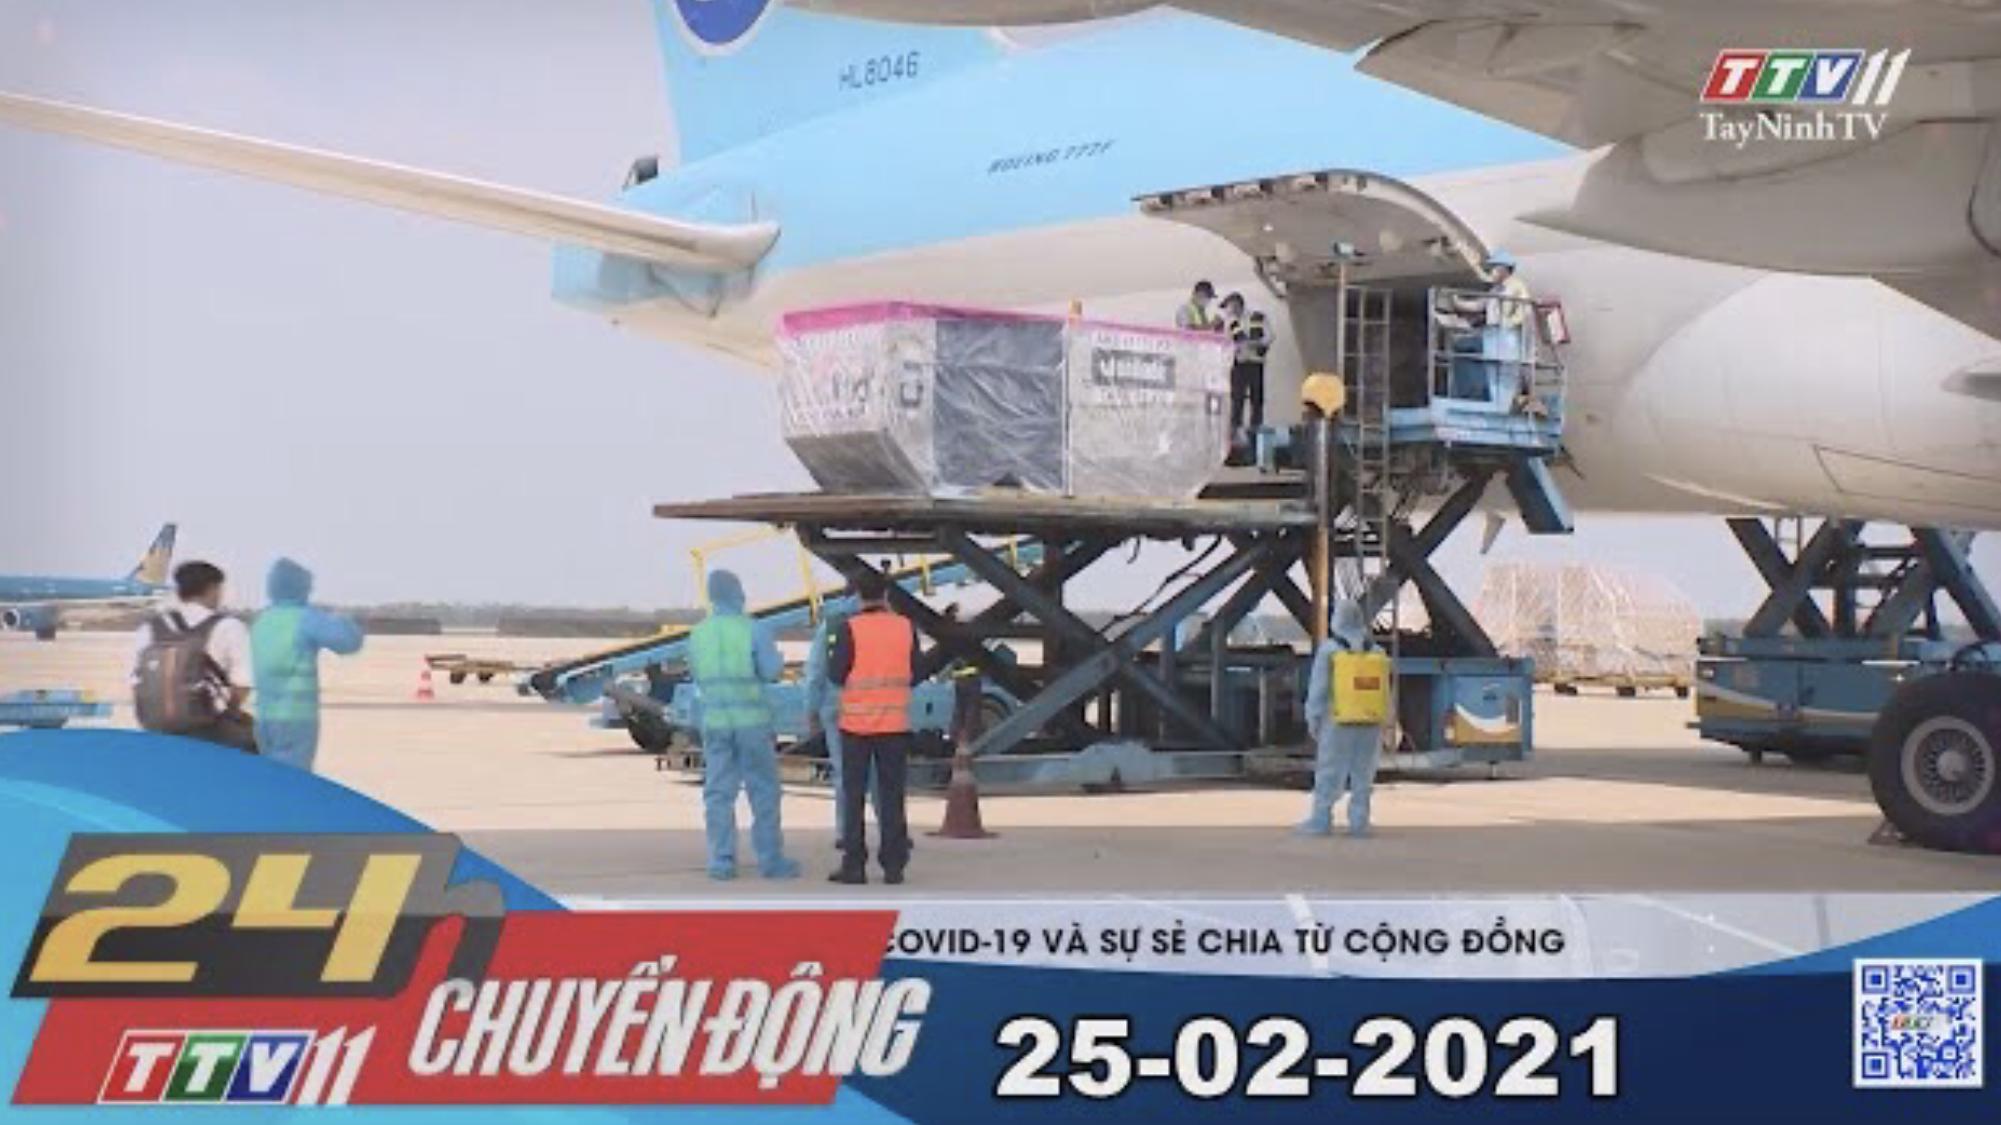 24h Chuyển động 25-02-2021 | Tin tức hôm nay | TayNinhTV